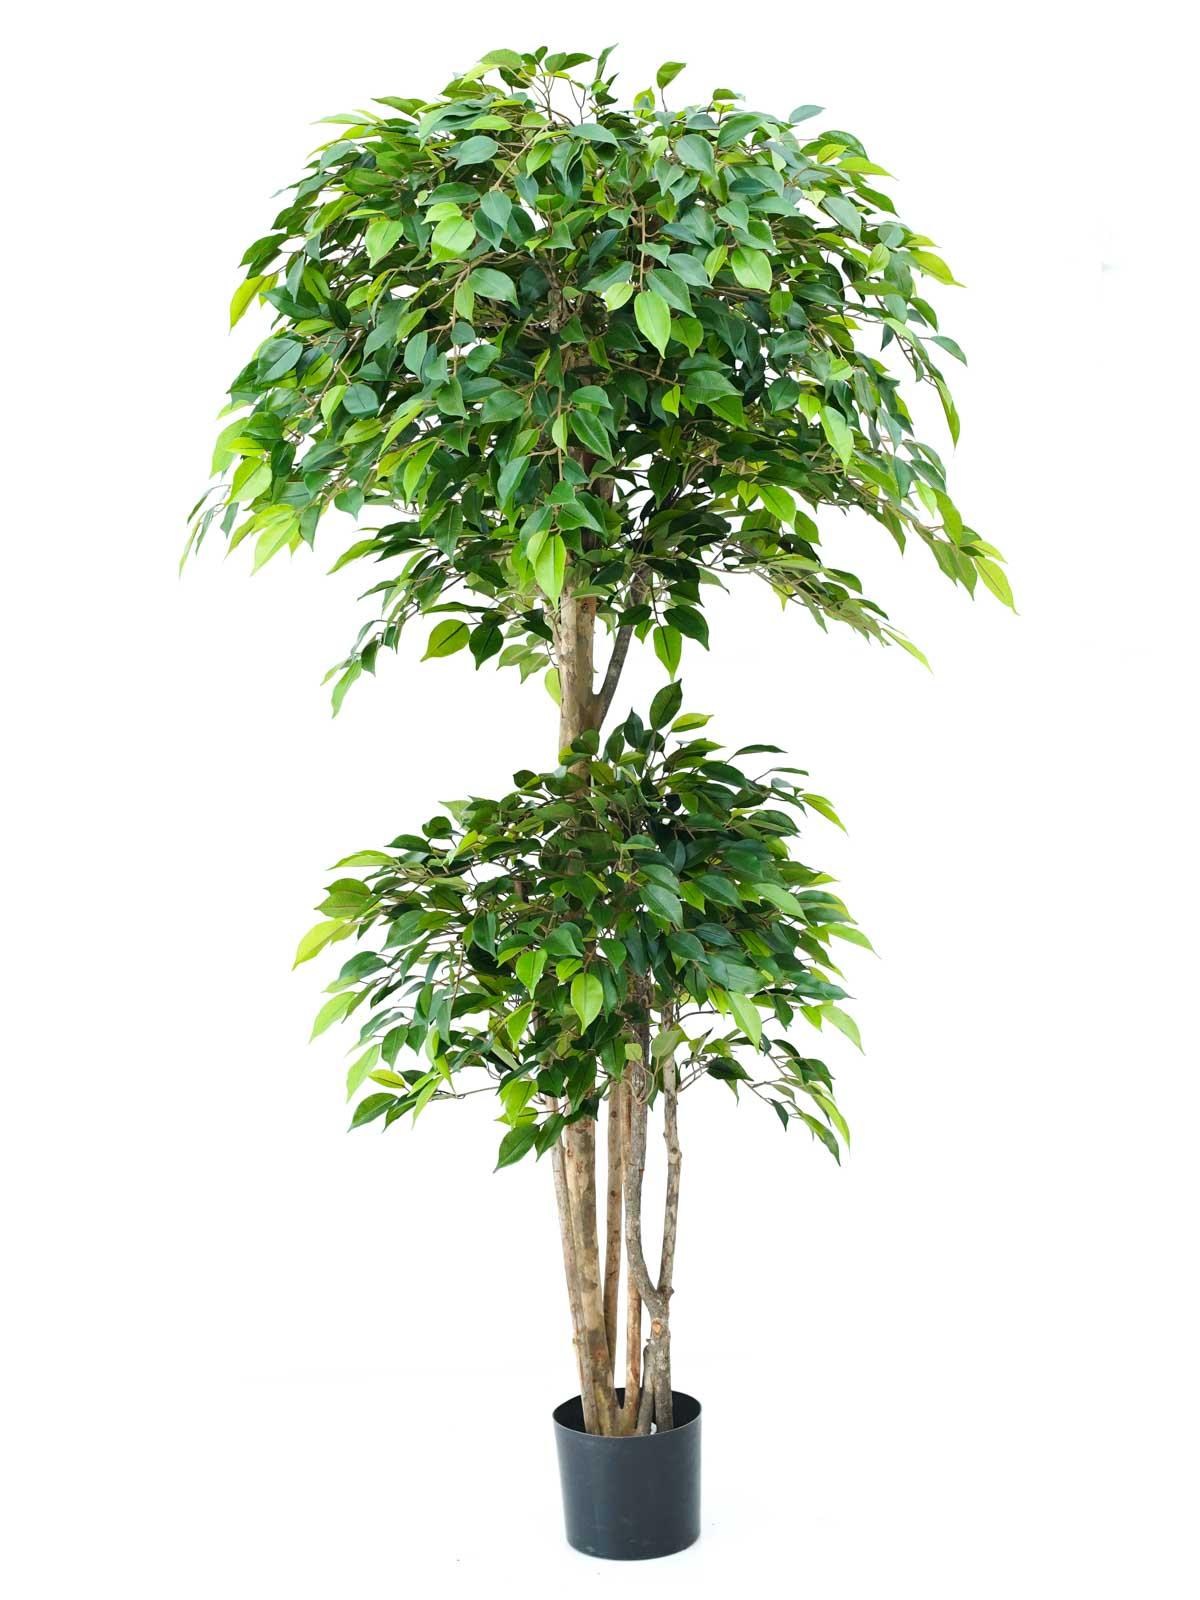 شجرة تين نتاشا ترولبيكال - وسط نباتات اصطناعية